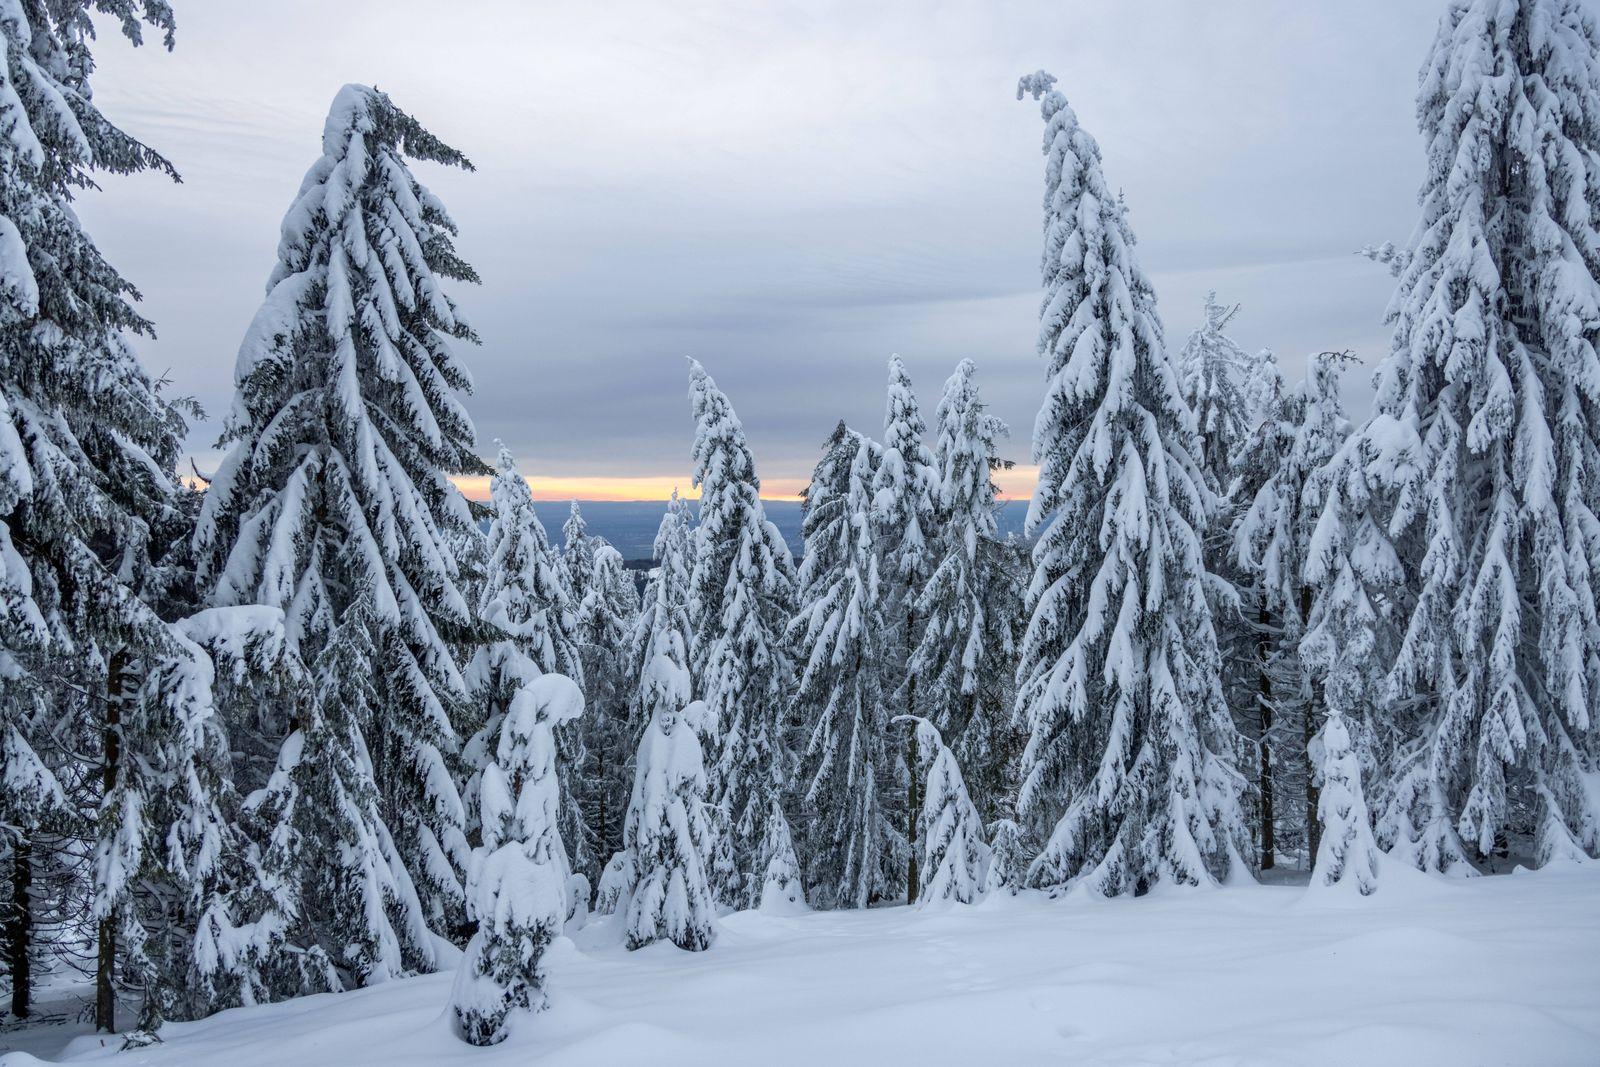 Winter im Taunus 20.01.2021, Schmitten (Hessen): Die Landschaft am Großen Feldberg im Taunus ist weiterhin tief verschn